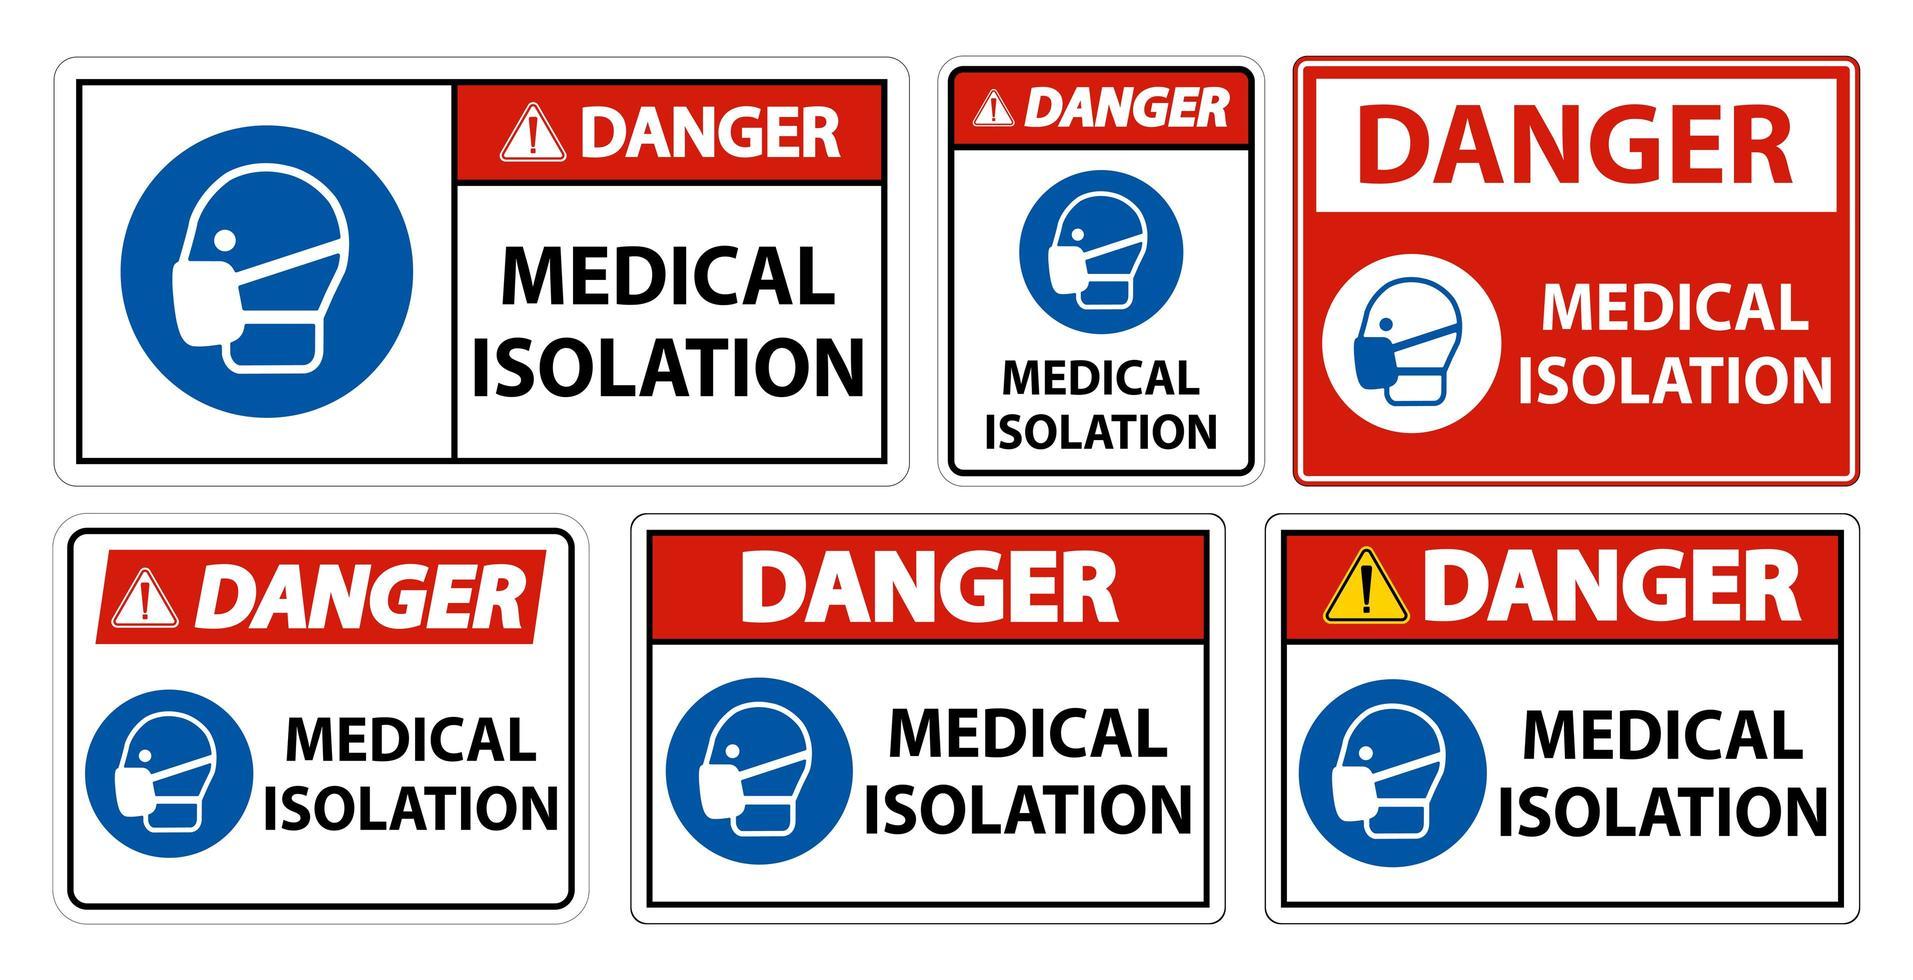 insieme di segno medico isolato pericolo vettore